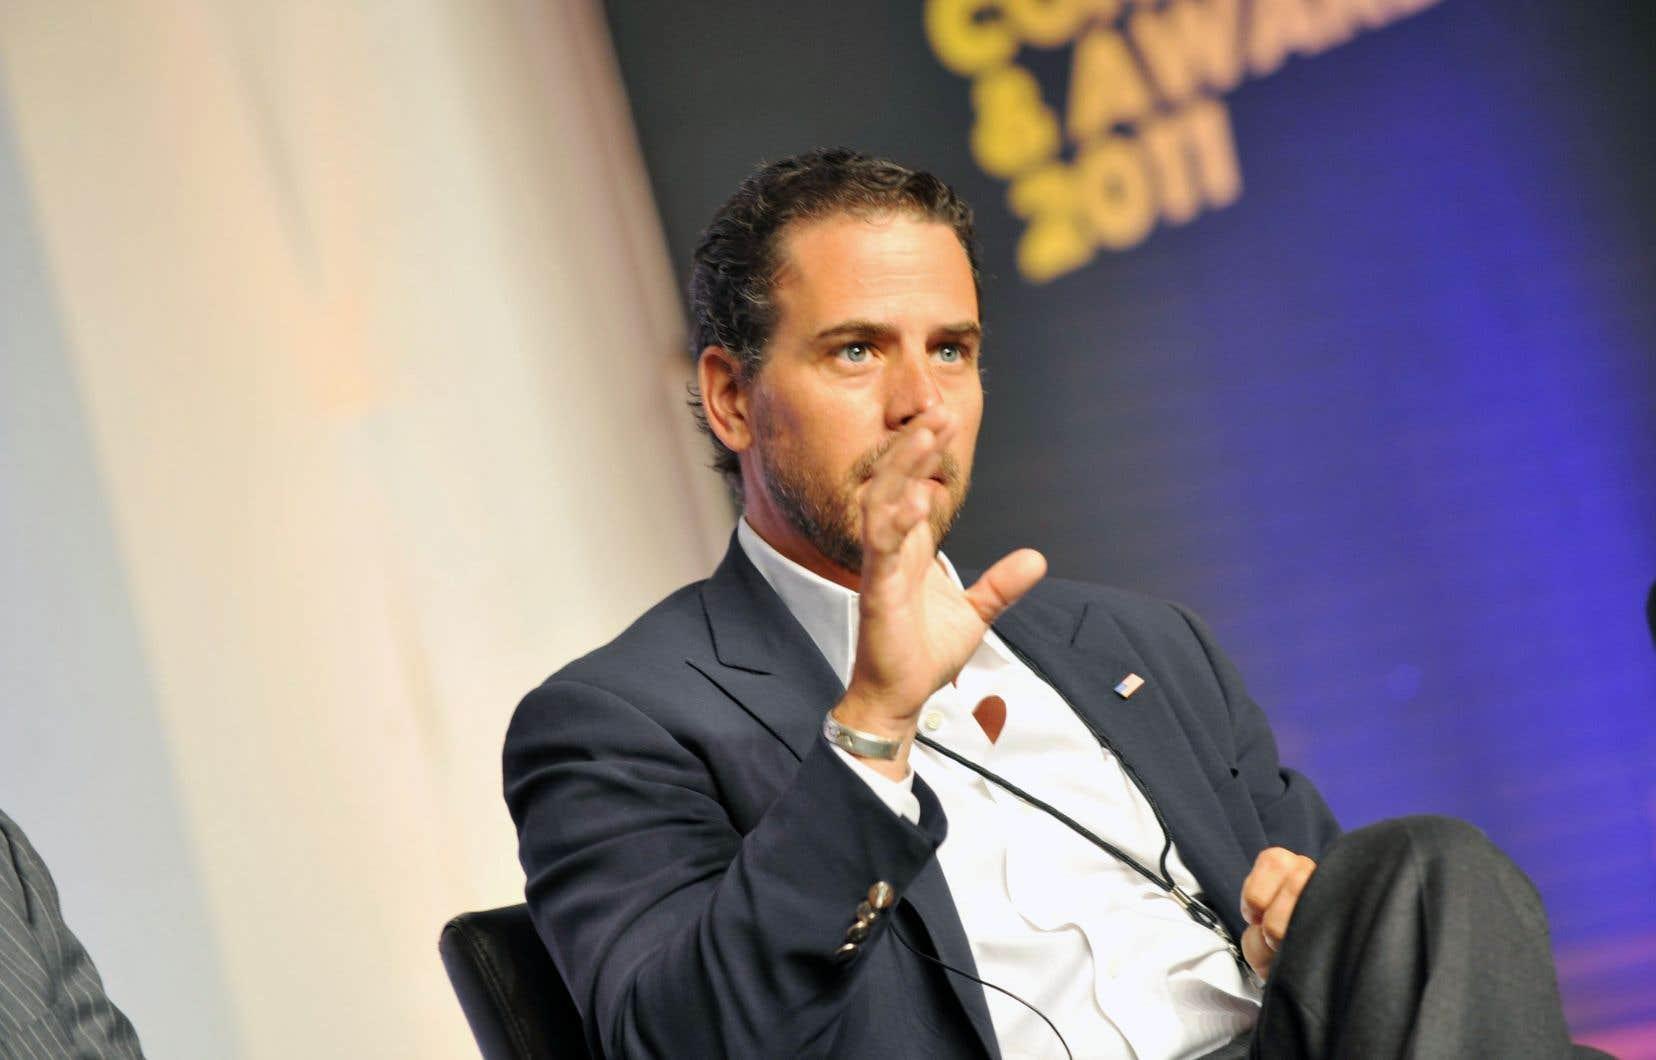 Avocat et investisseur, Hunter Biden, le fils de l'ex-vice-président américain Joe Biden, a siégé de 2014 à 2019 au conseil de surveillance du producteur de gaz ukrainien Burisma.